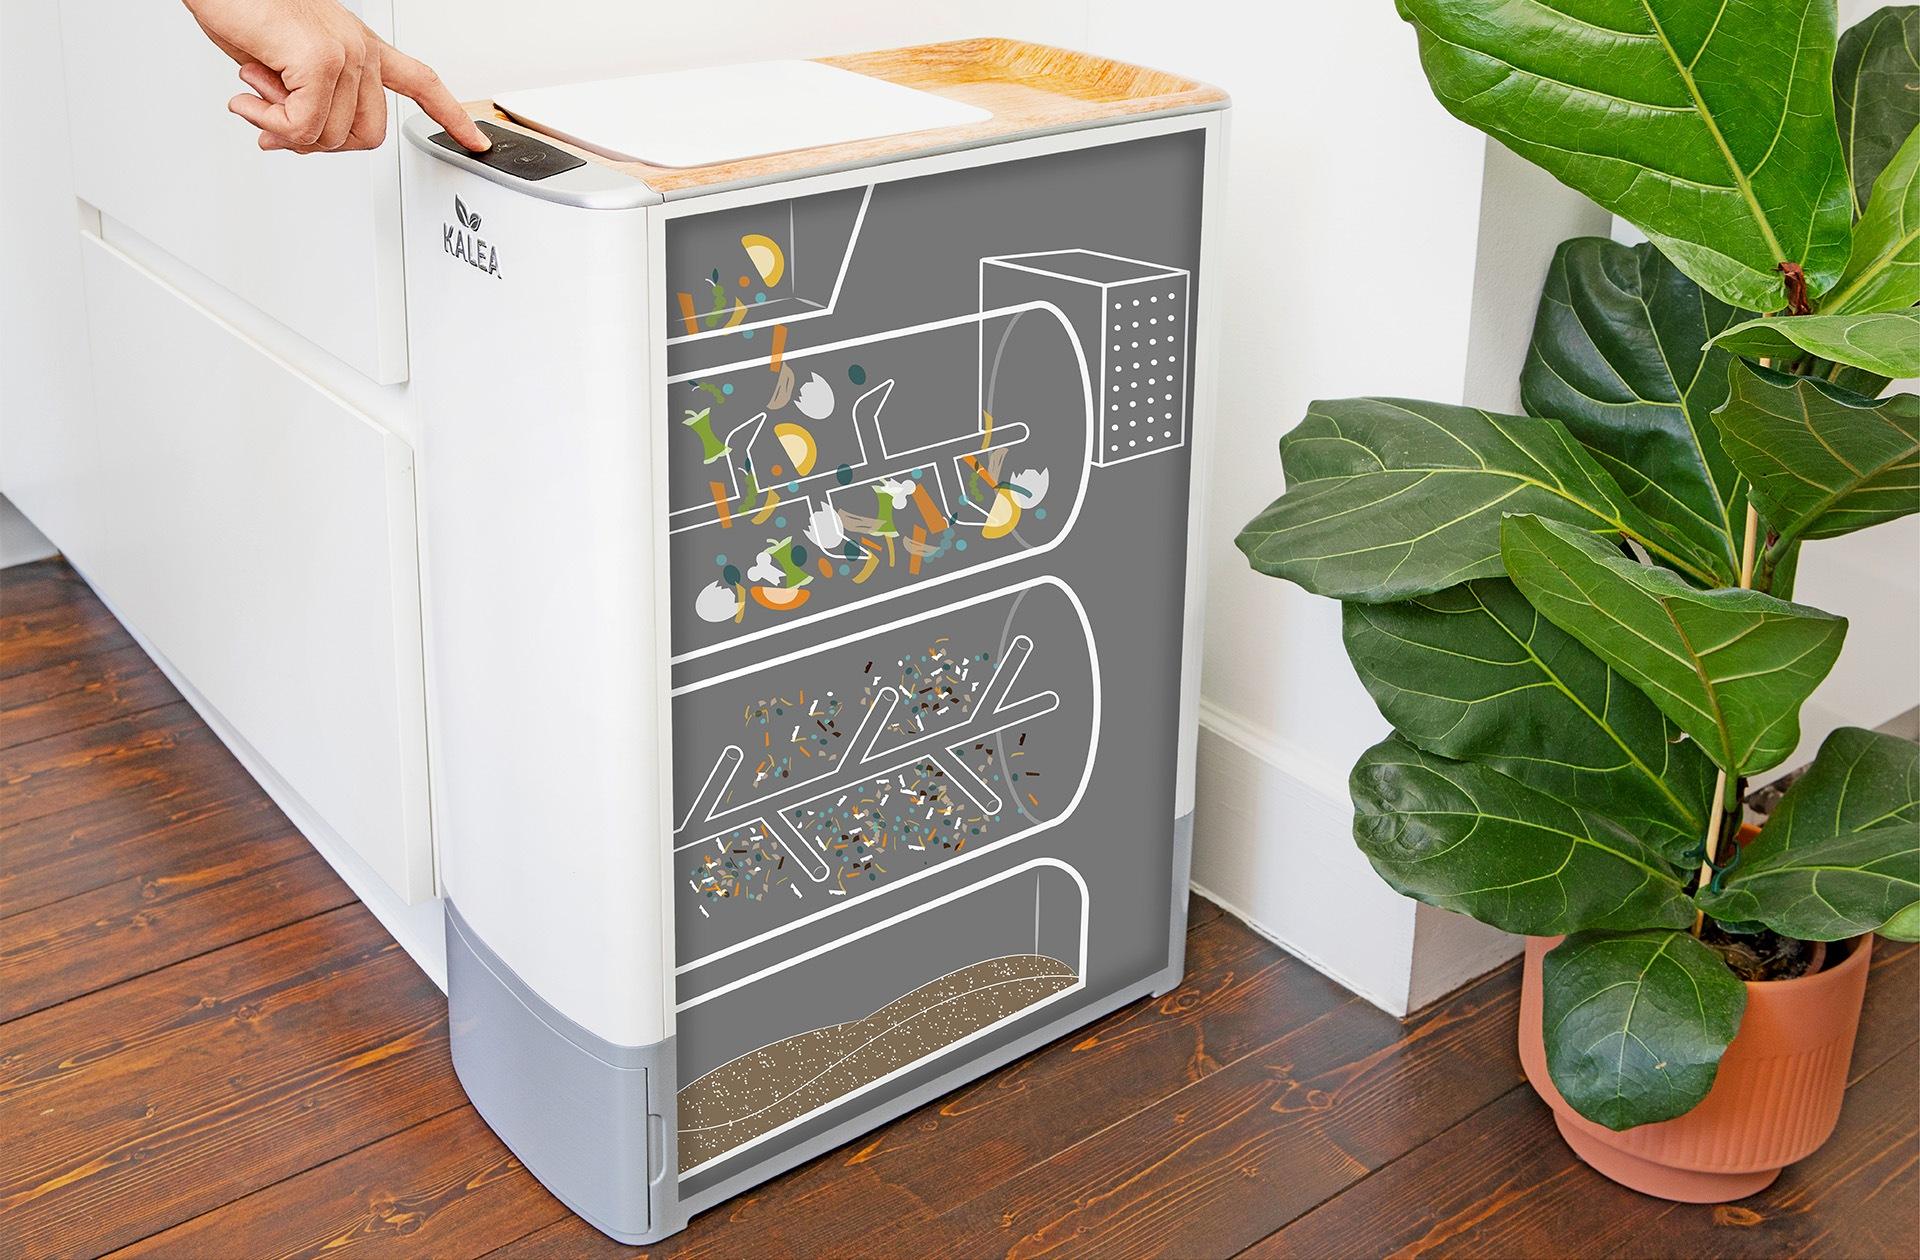 Pametna kuhinjska naprava Kalea v samo 48 urah spremeni organske odpadke v kompost, bogat s hranili. Predstavlja trajnostno rešitev za odlaganje kuhinjskih odpadkov v mestnih gospodinjstvih.